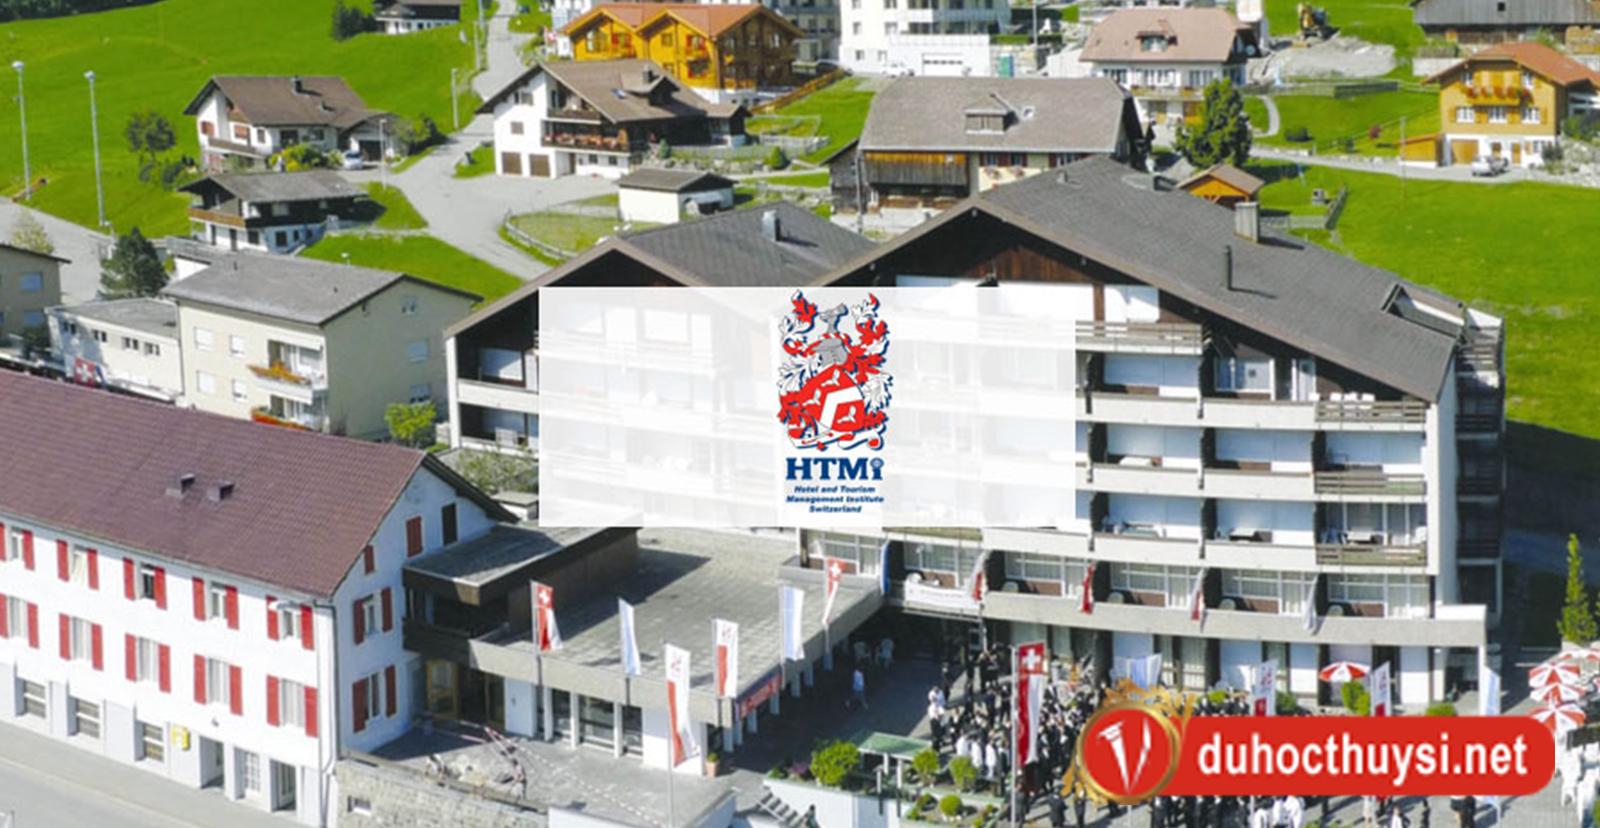 Du học Thụy Sĩ ngành khách sạn